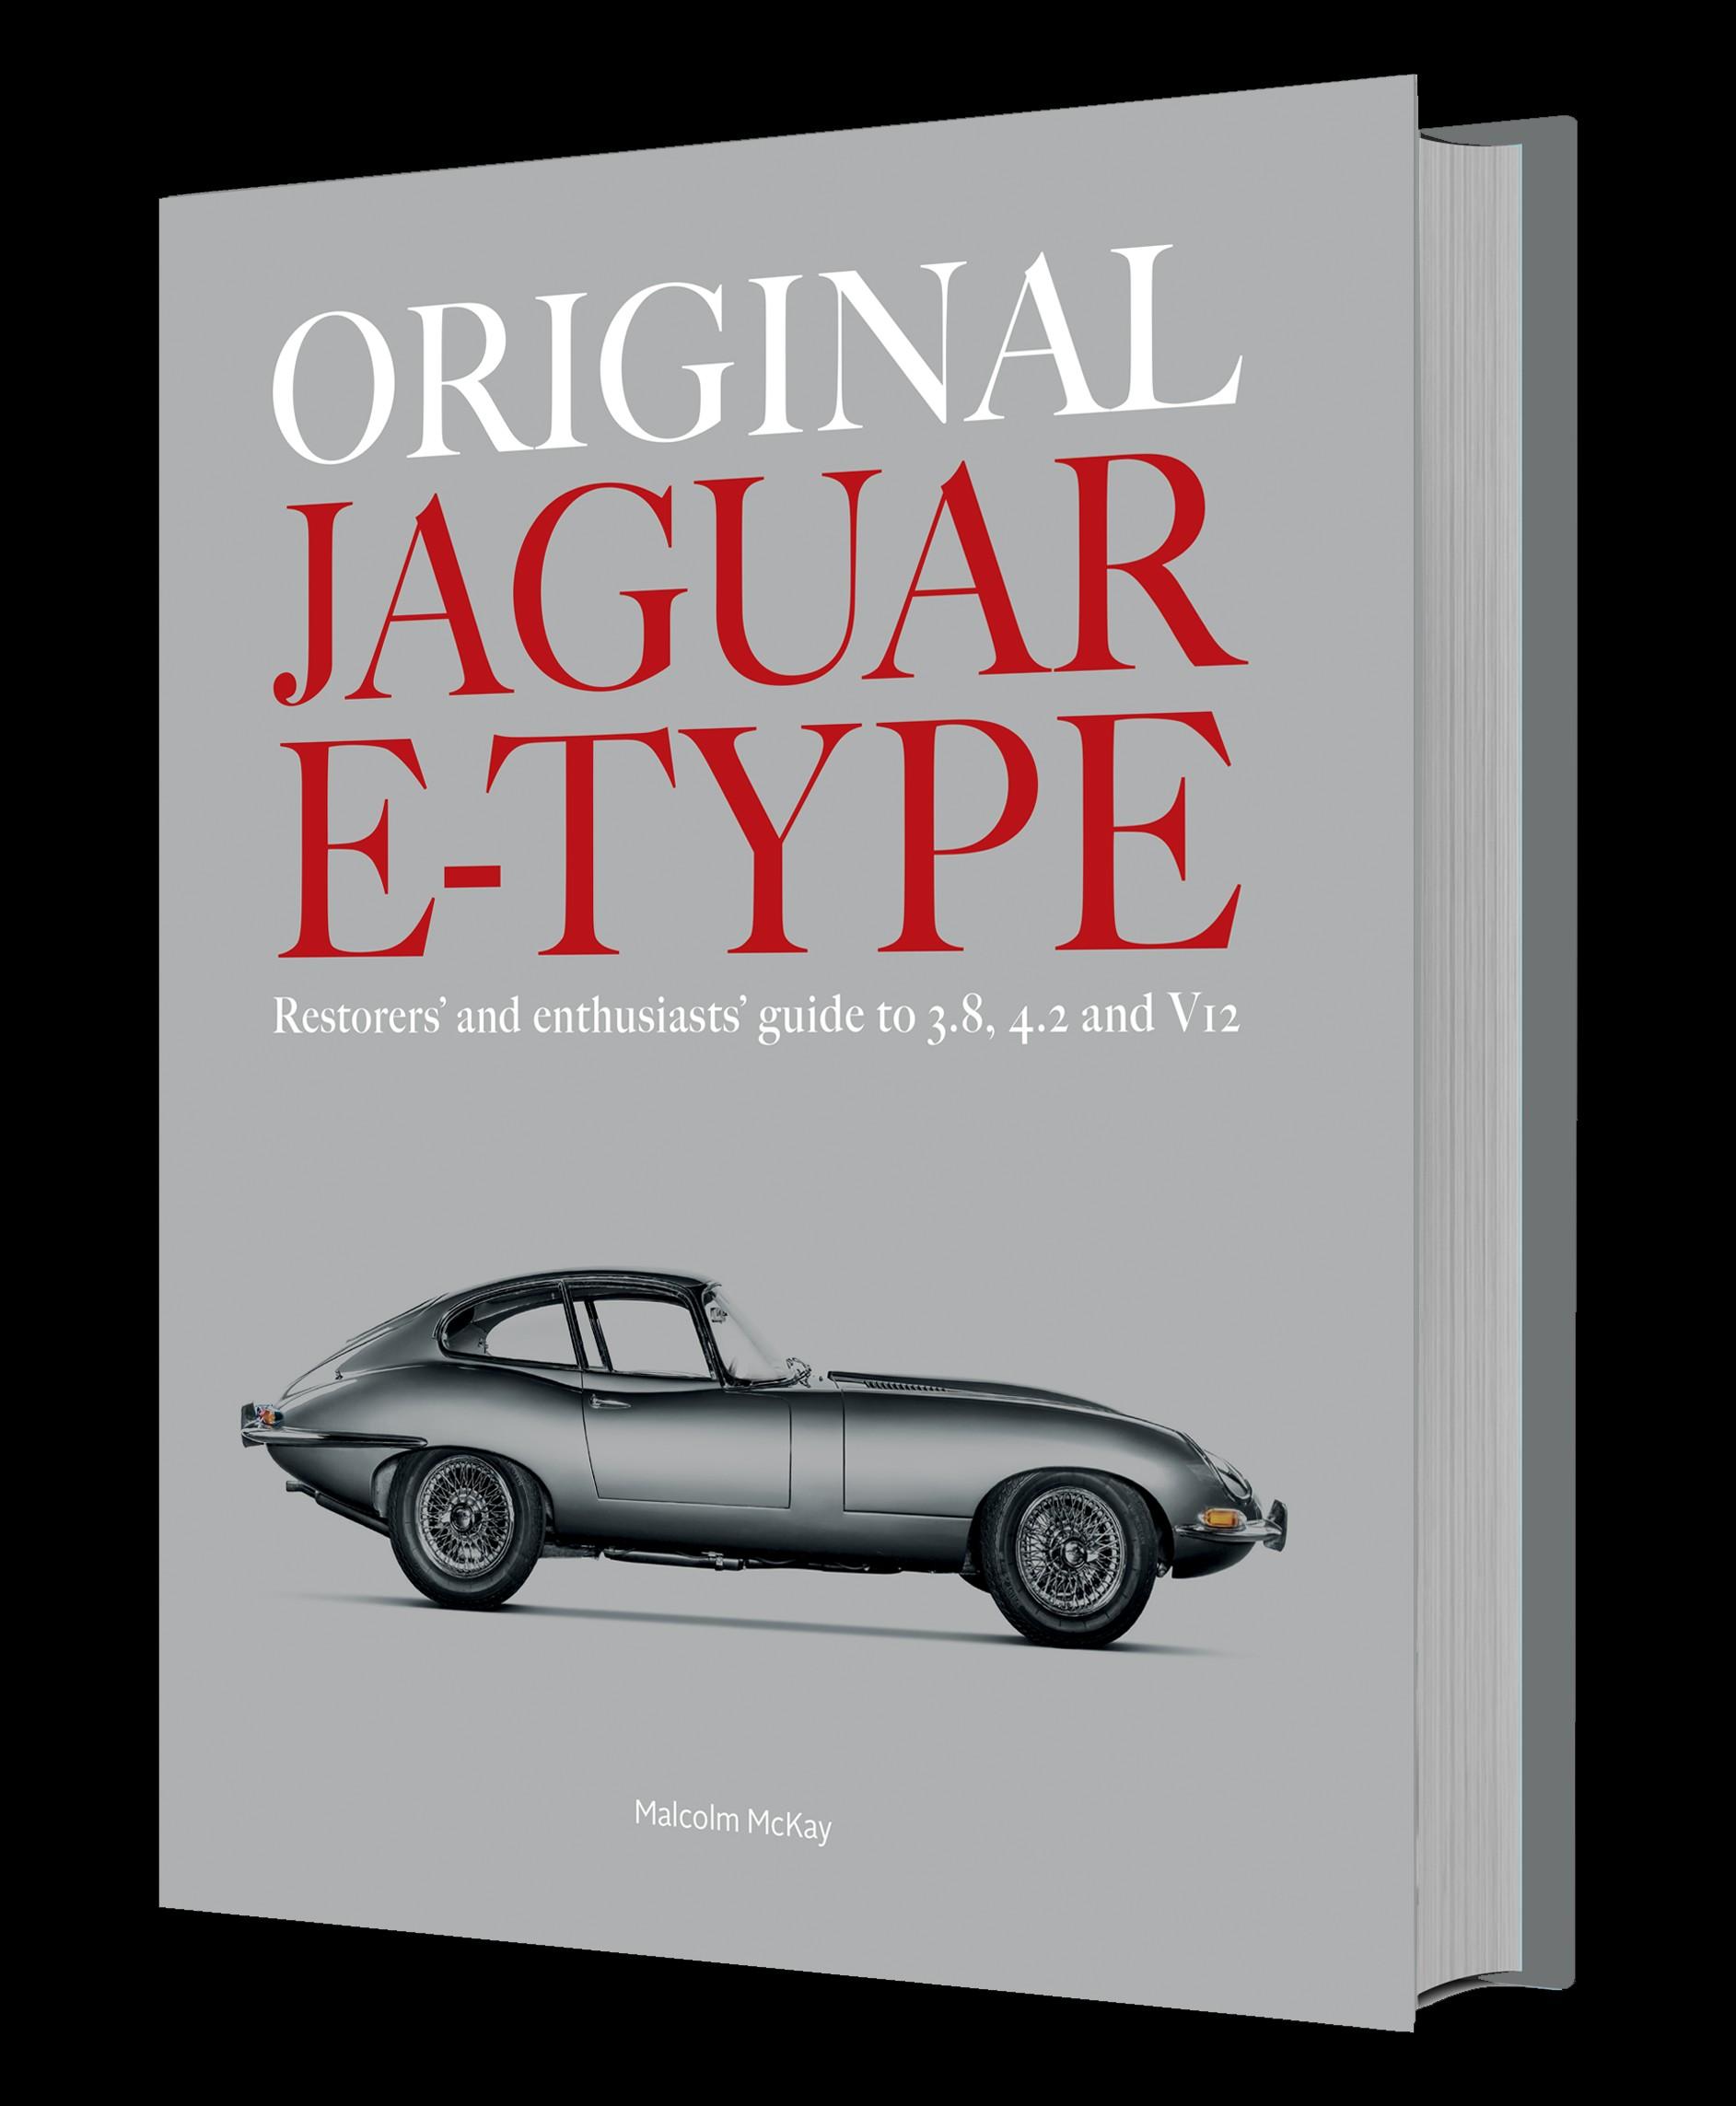 Original E-Type by Malcolm McKay.